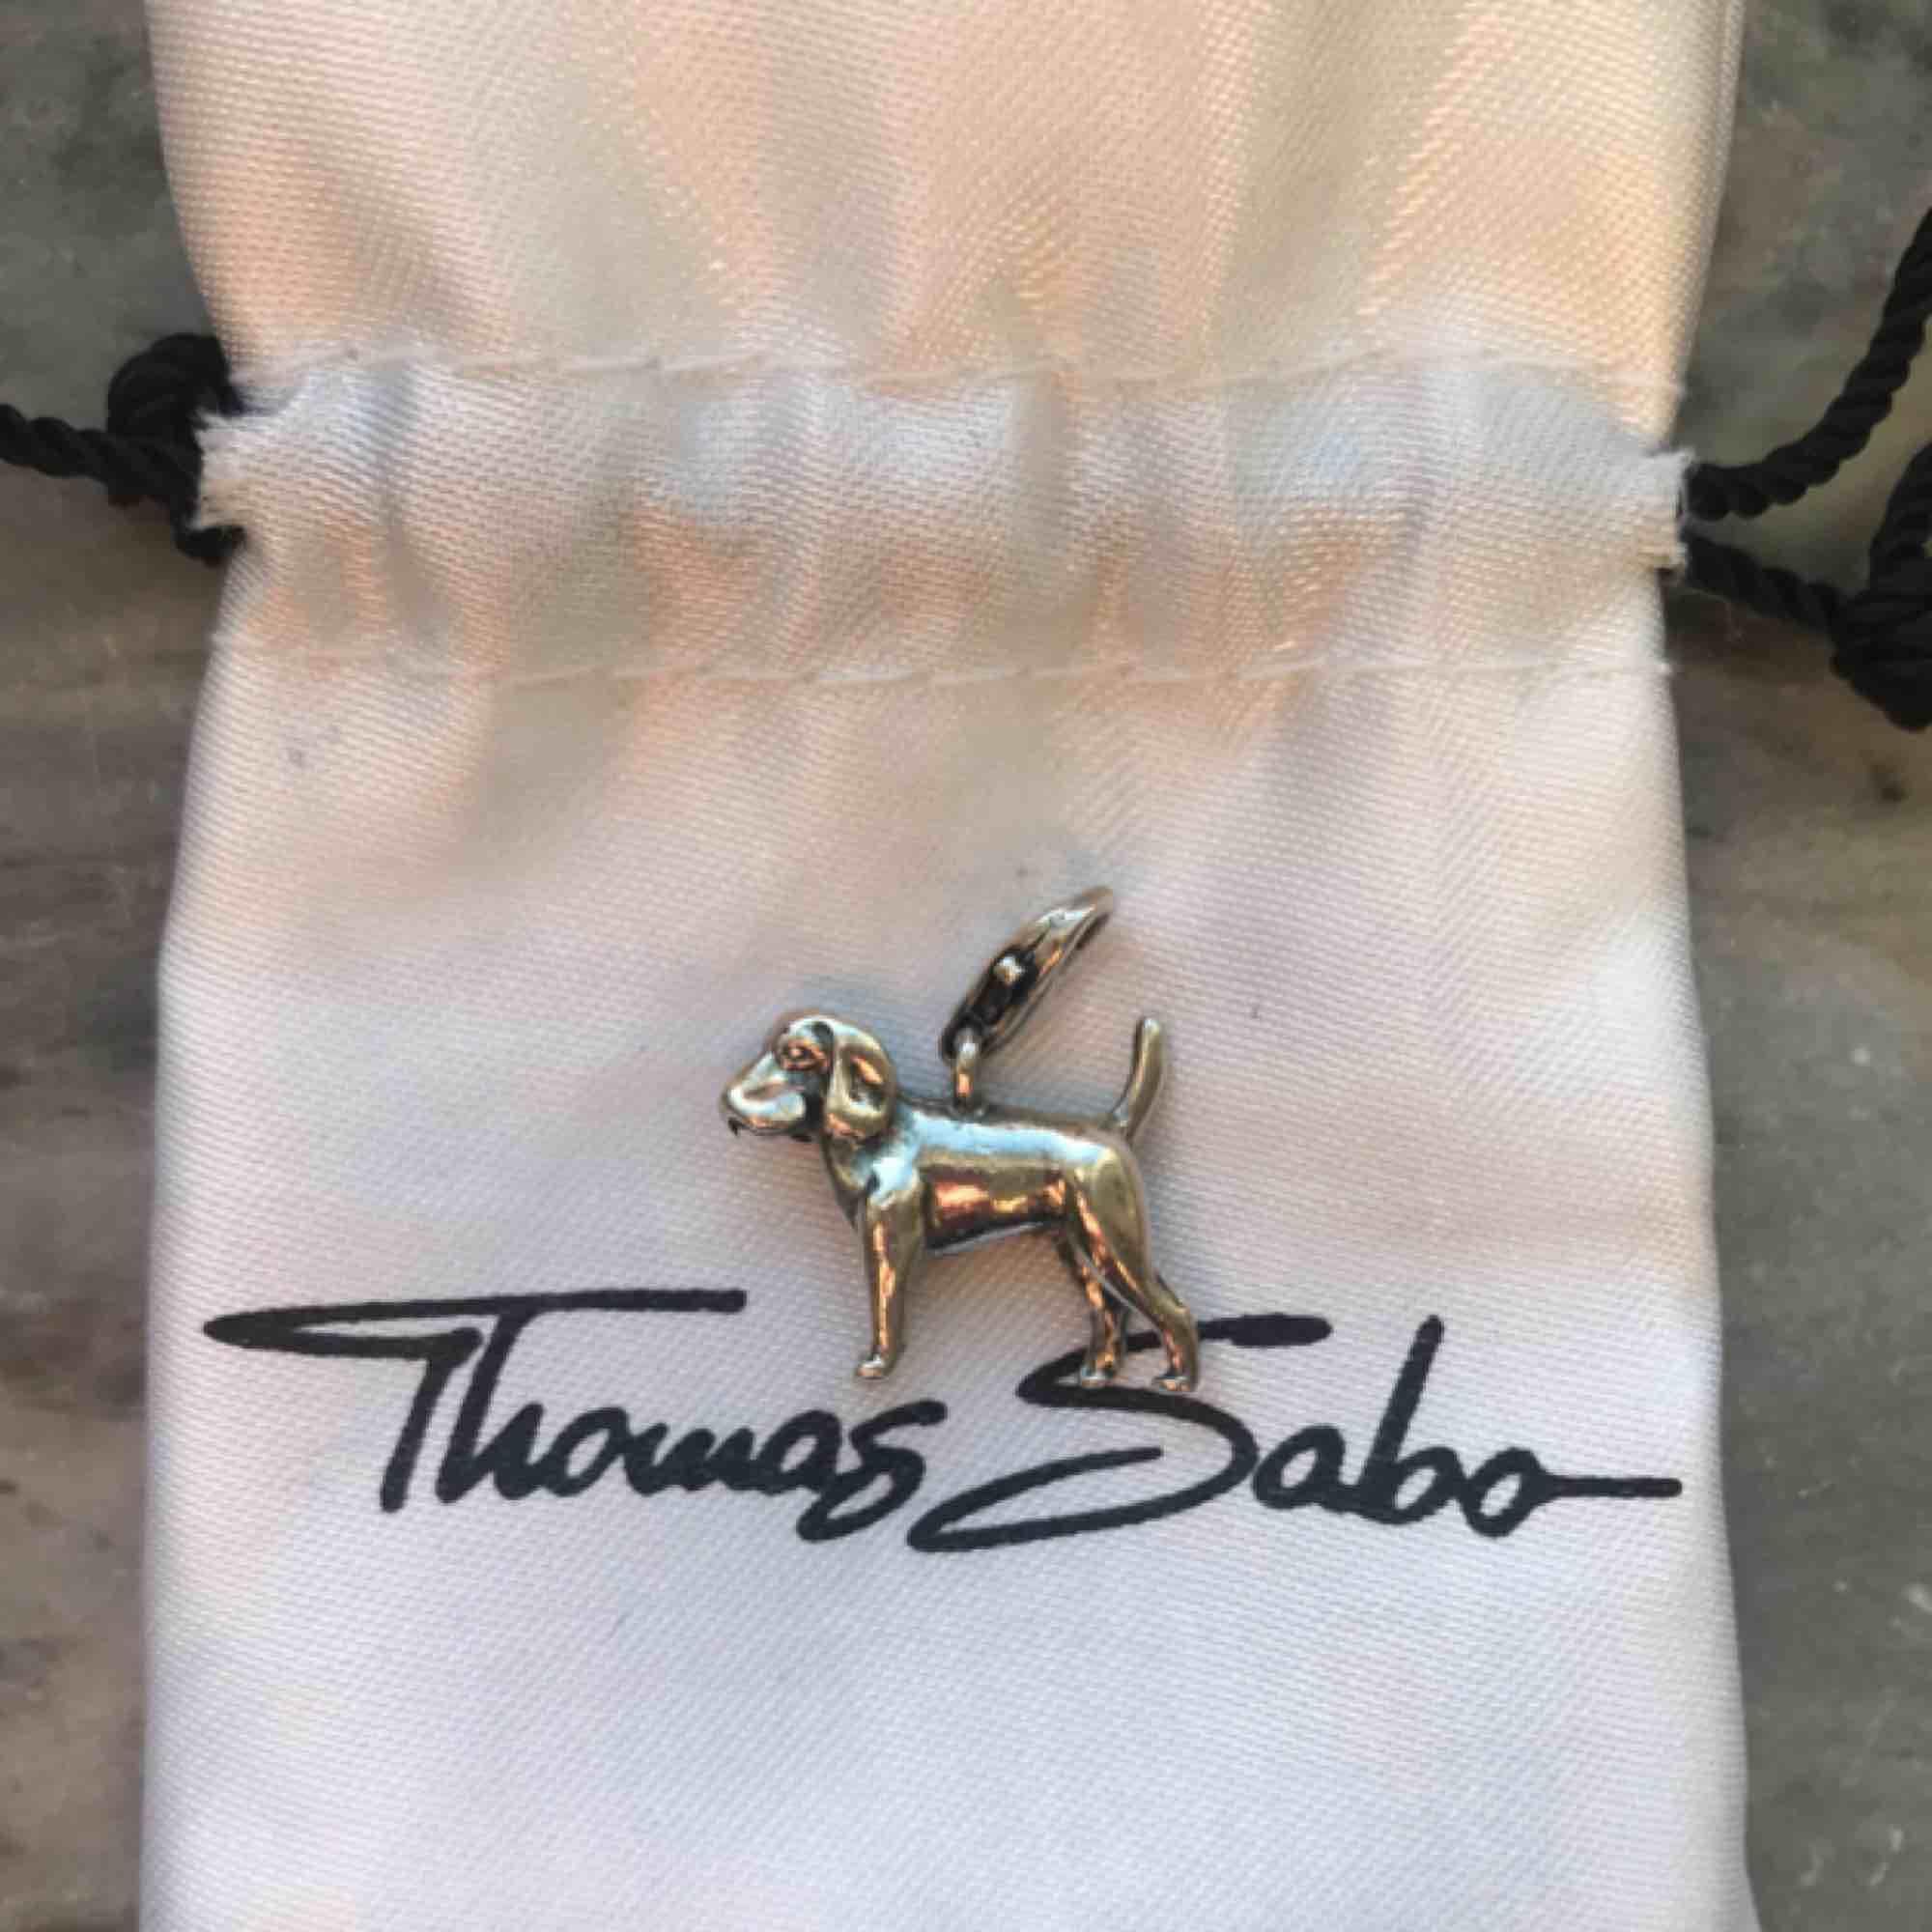 Hundberlock från Thomas Sabo. Accessoarer.